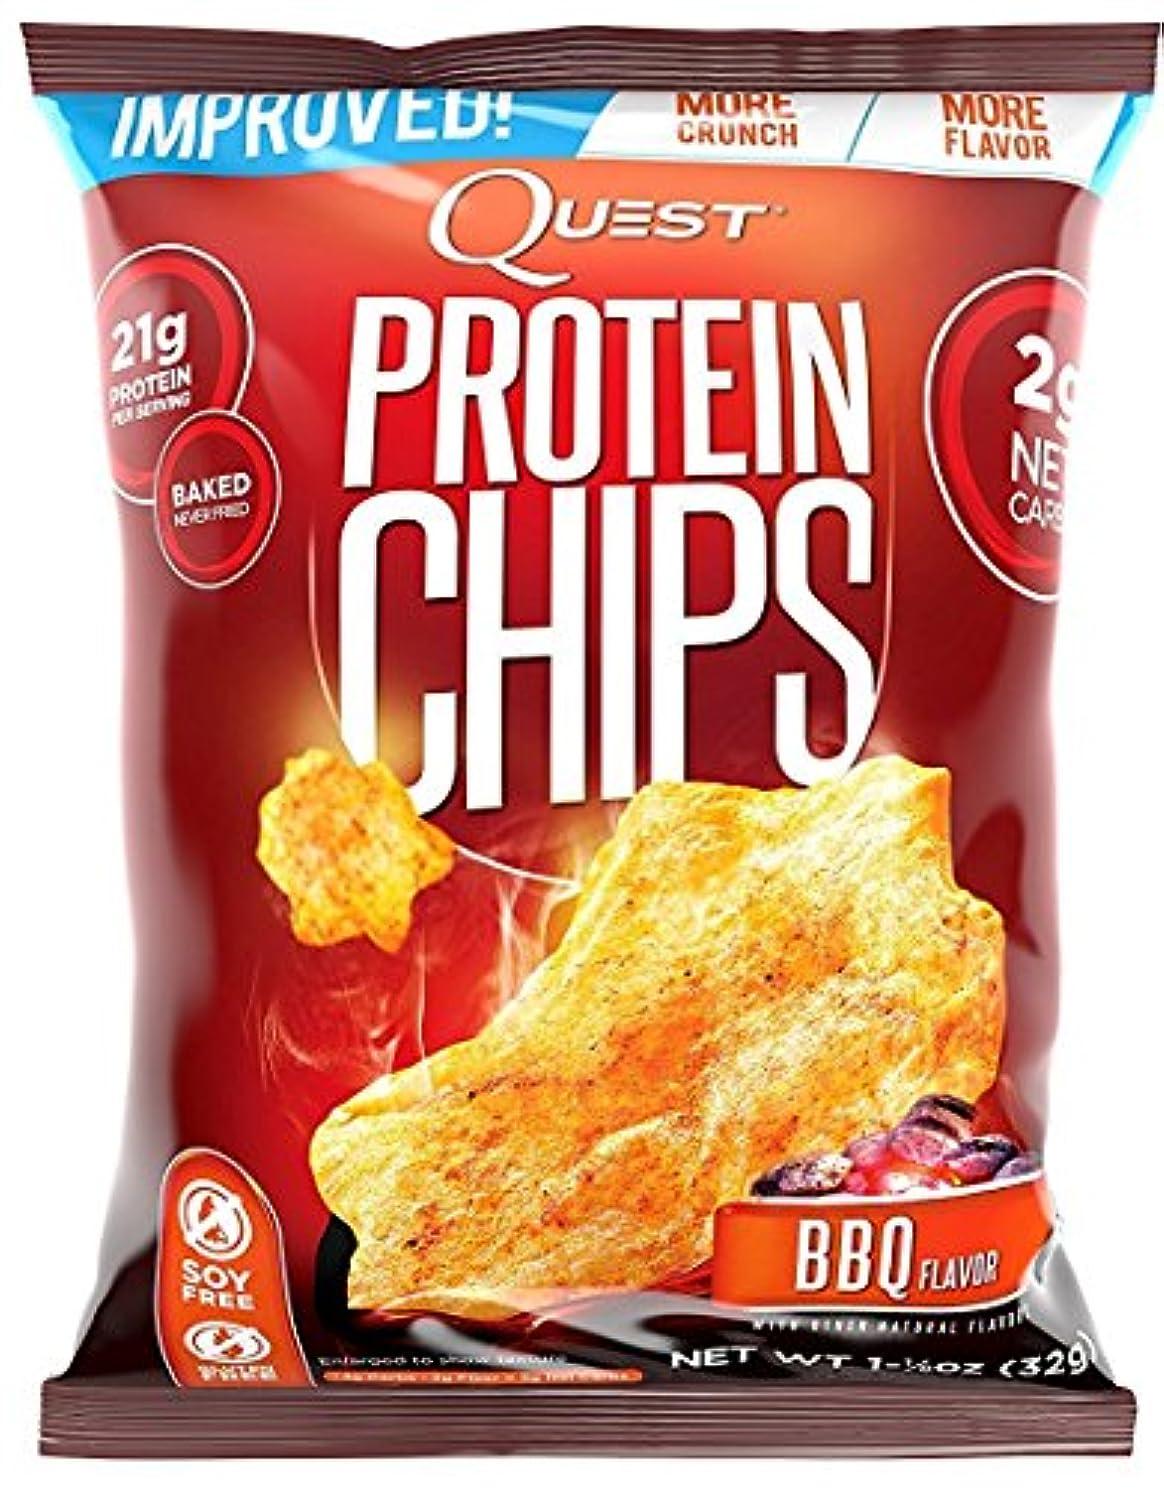 安西かまど可能性プロテイン チップス(Protein Chips) バーベキュー味 8袋セット [並行輸入品]